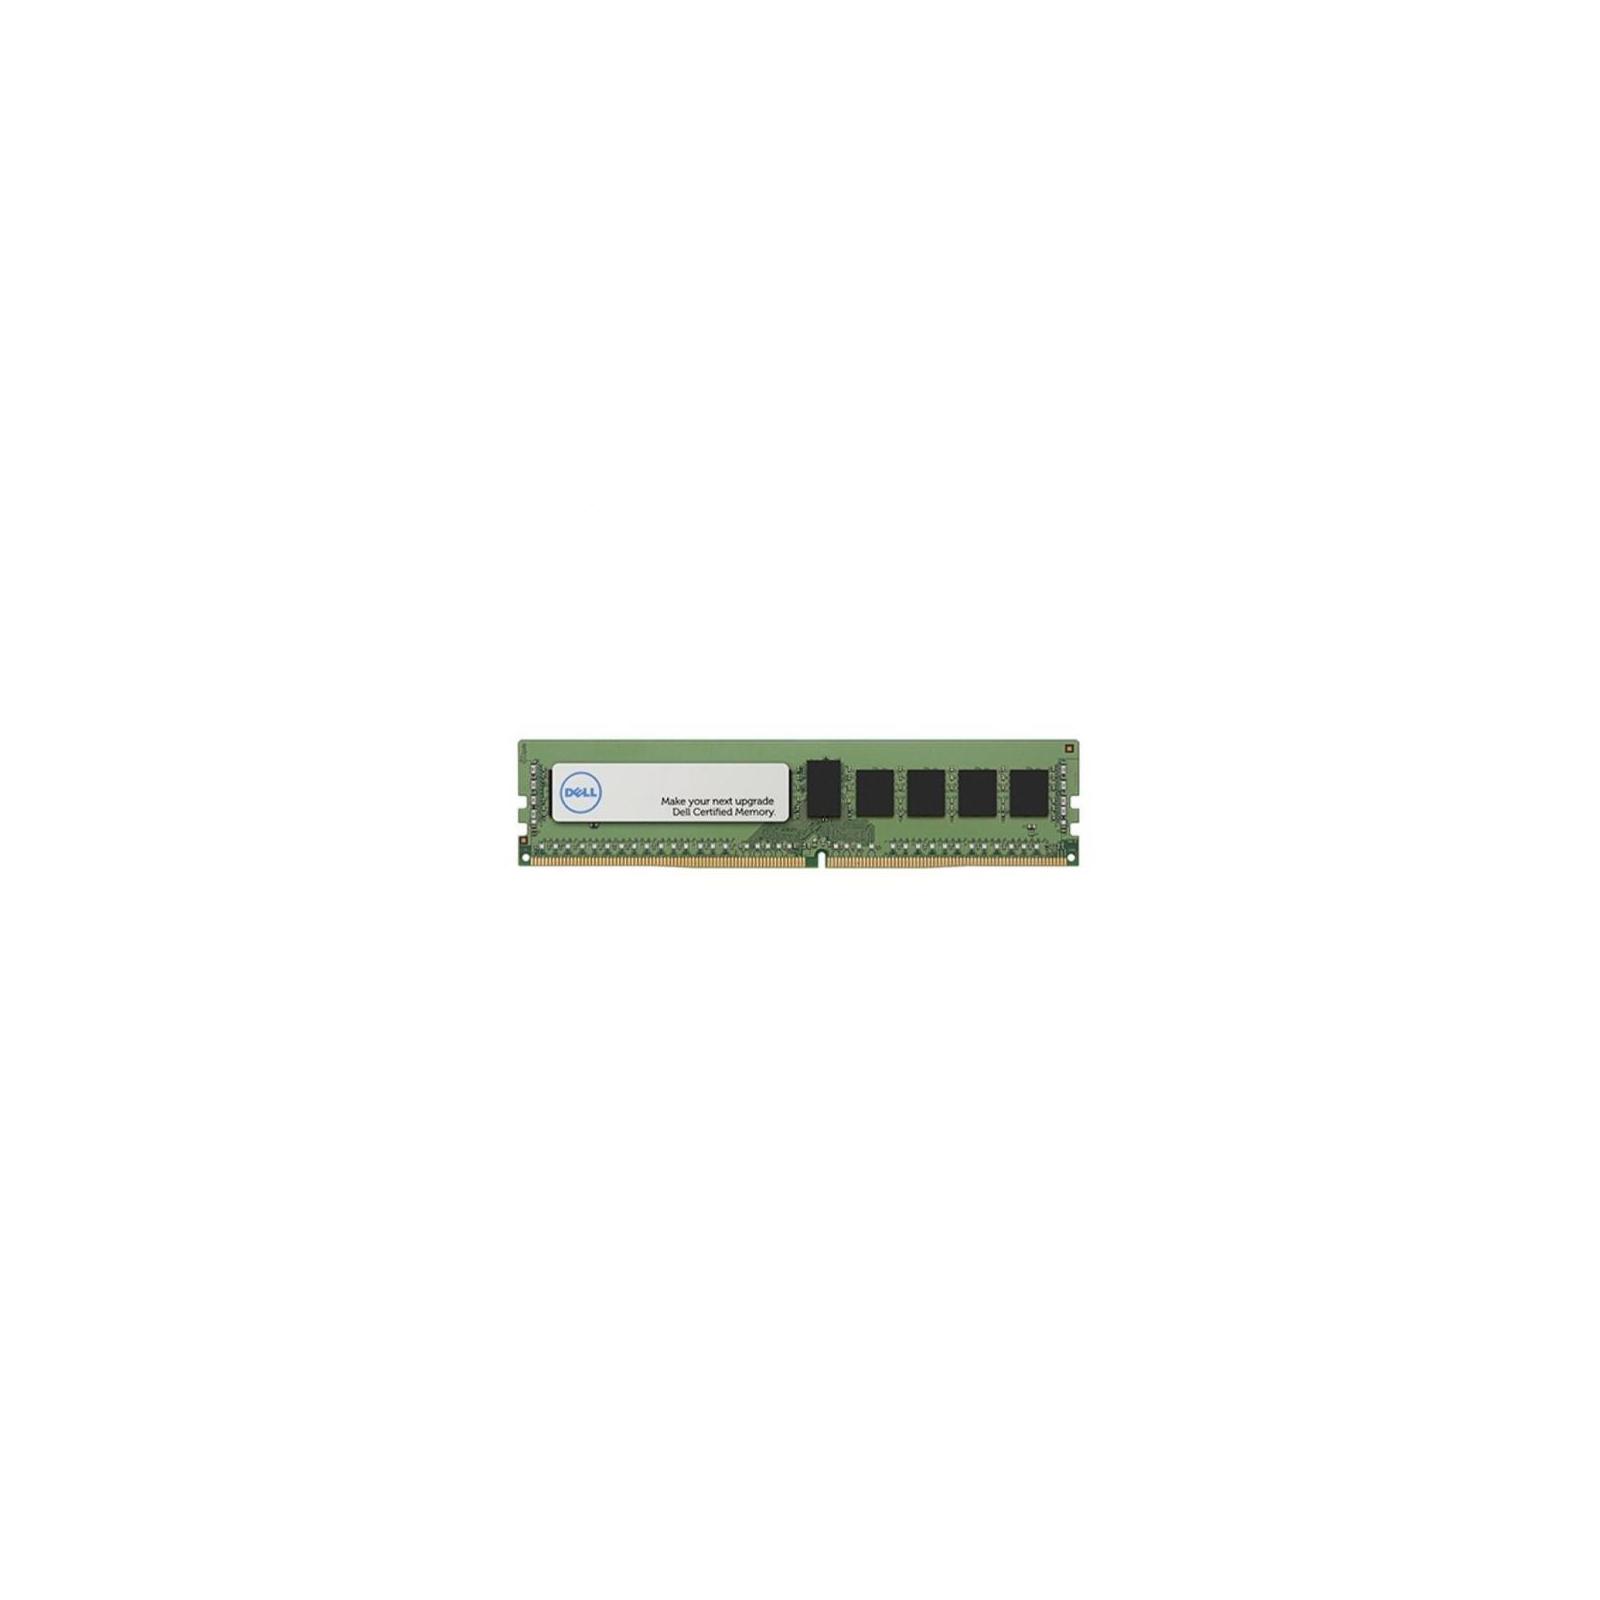 Модуль памяти для сервера DDR4 8Gb Dell (370-ADPU-08)